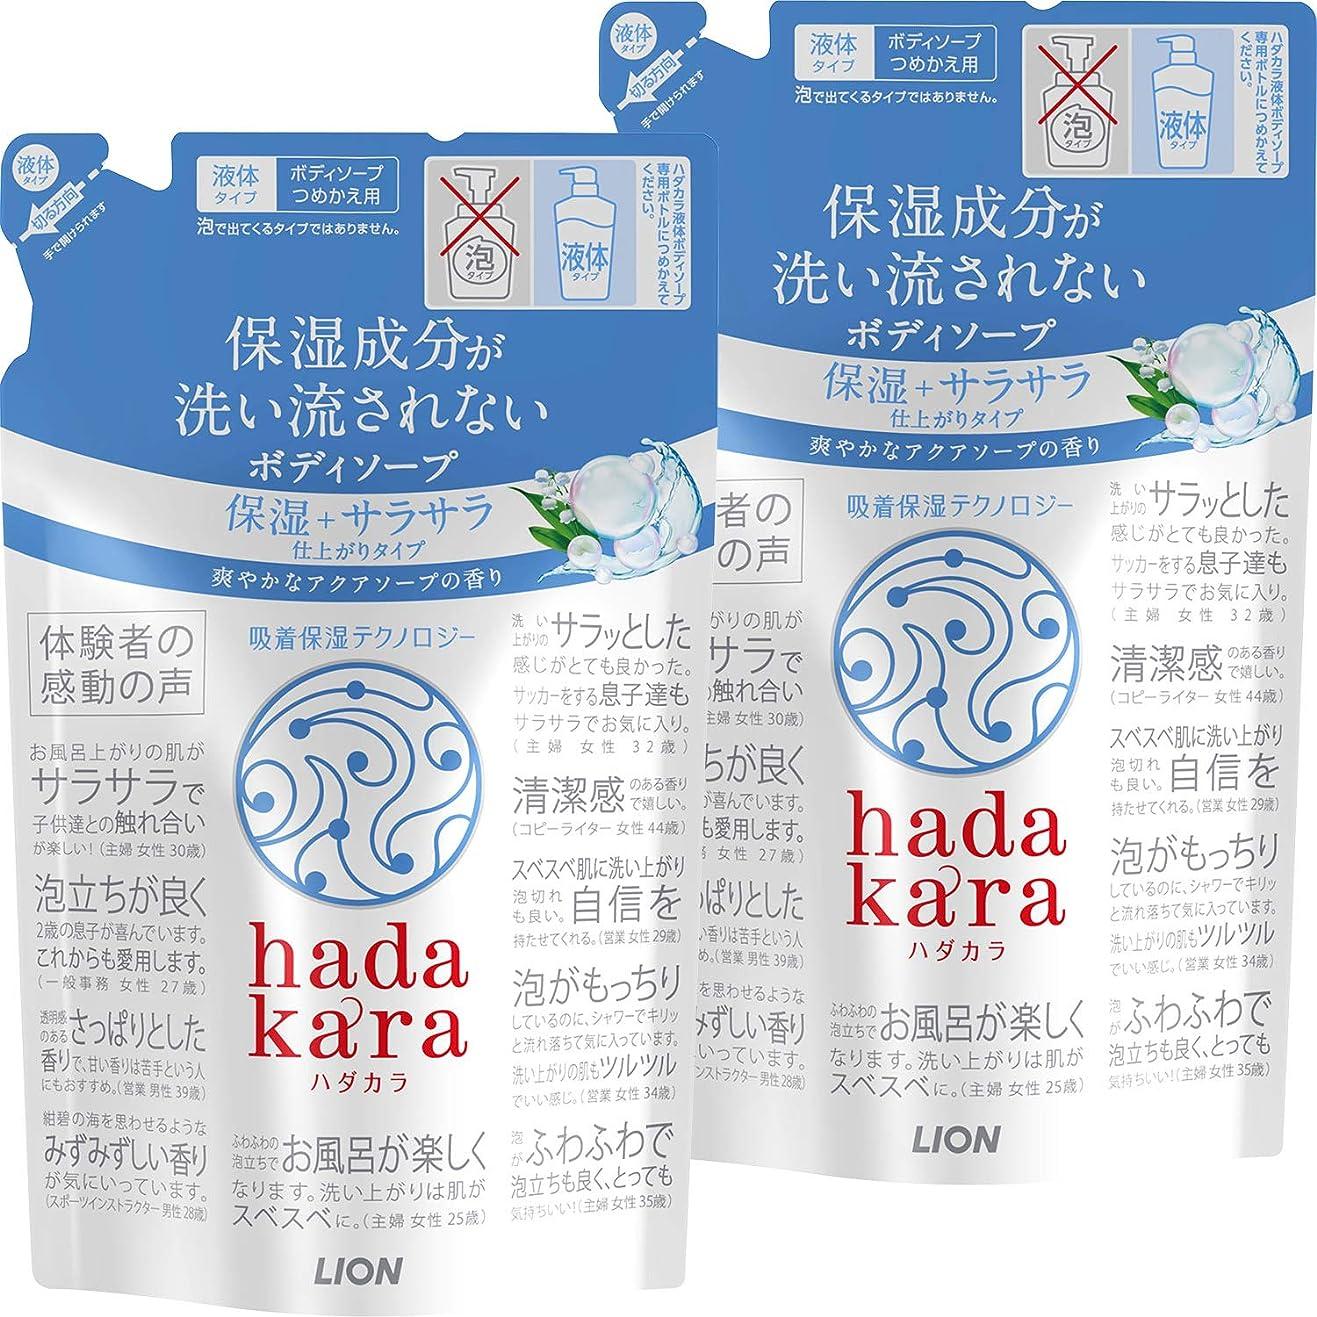 資本手首アンタゴニスト【まとめ買い】hadakara(ハダカラ) ボディソープ 保湿+サラサラ仕上がりタイプ アクアソープの香り 詰め替え 340ml×2個パック